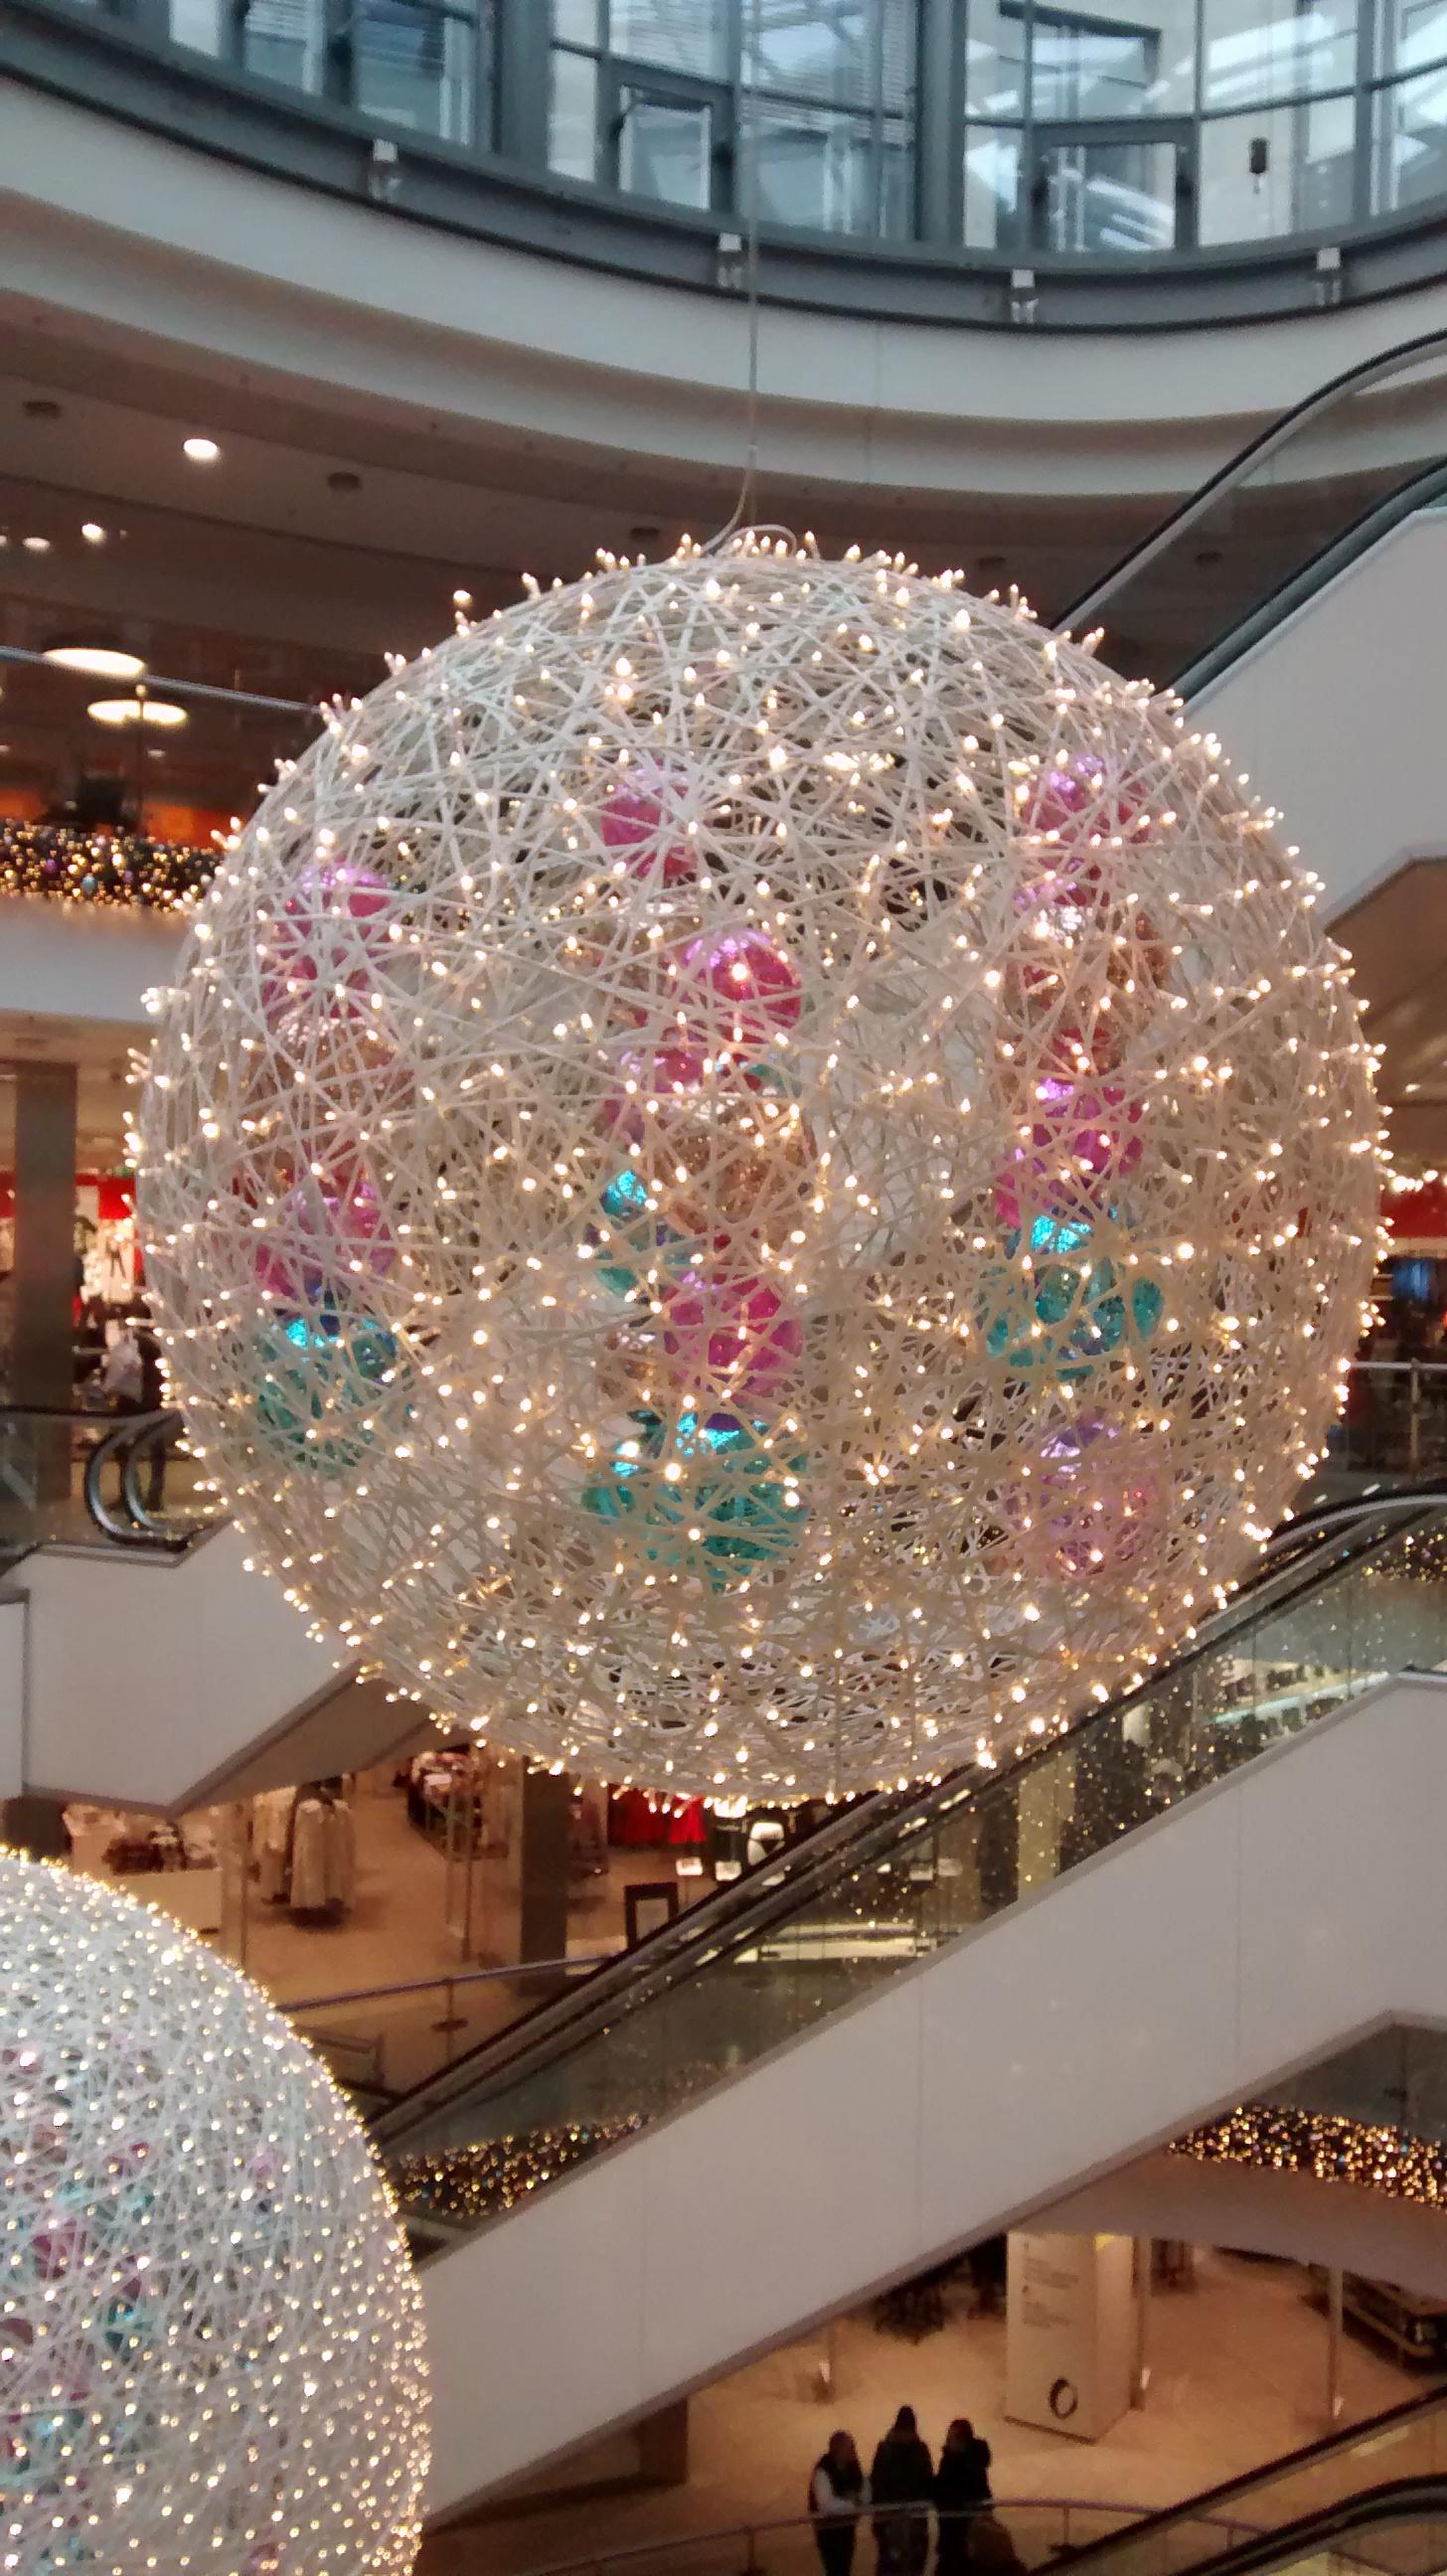 Sense Organics Weihnachtsgewinnspiel mit Weihnachtsdekoration